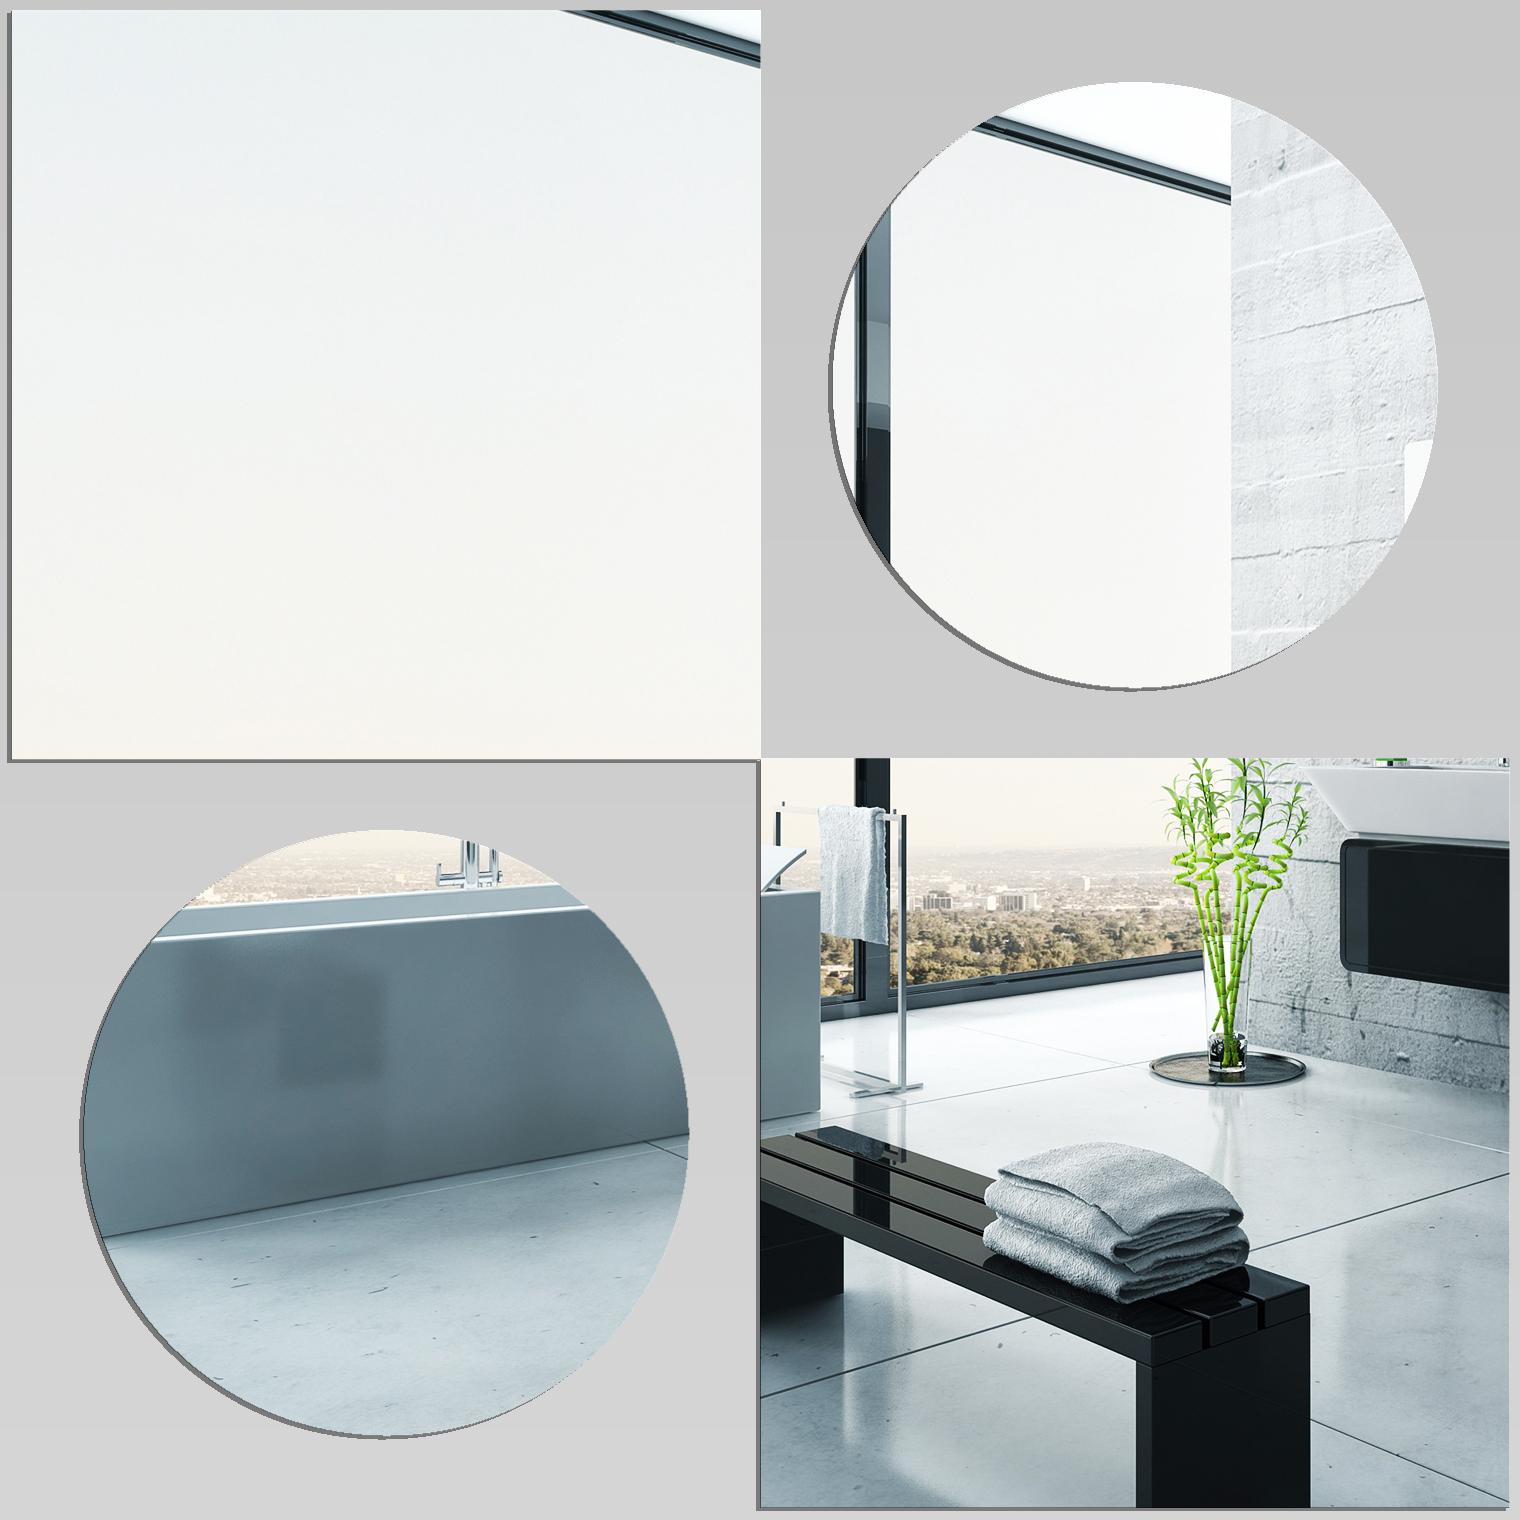 Miroir plexiglass acrylique ronds carr s pas cher for Miroir 80x80